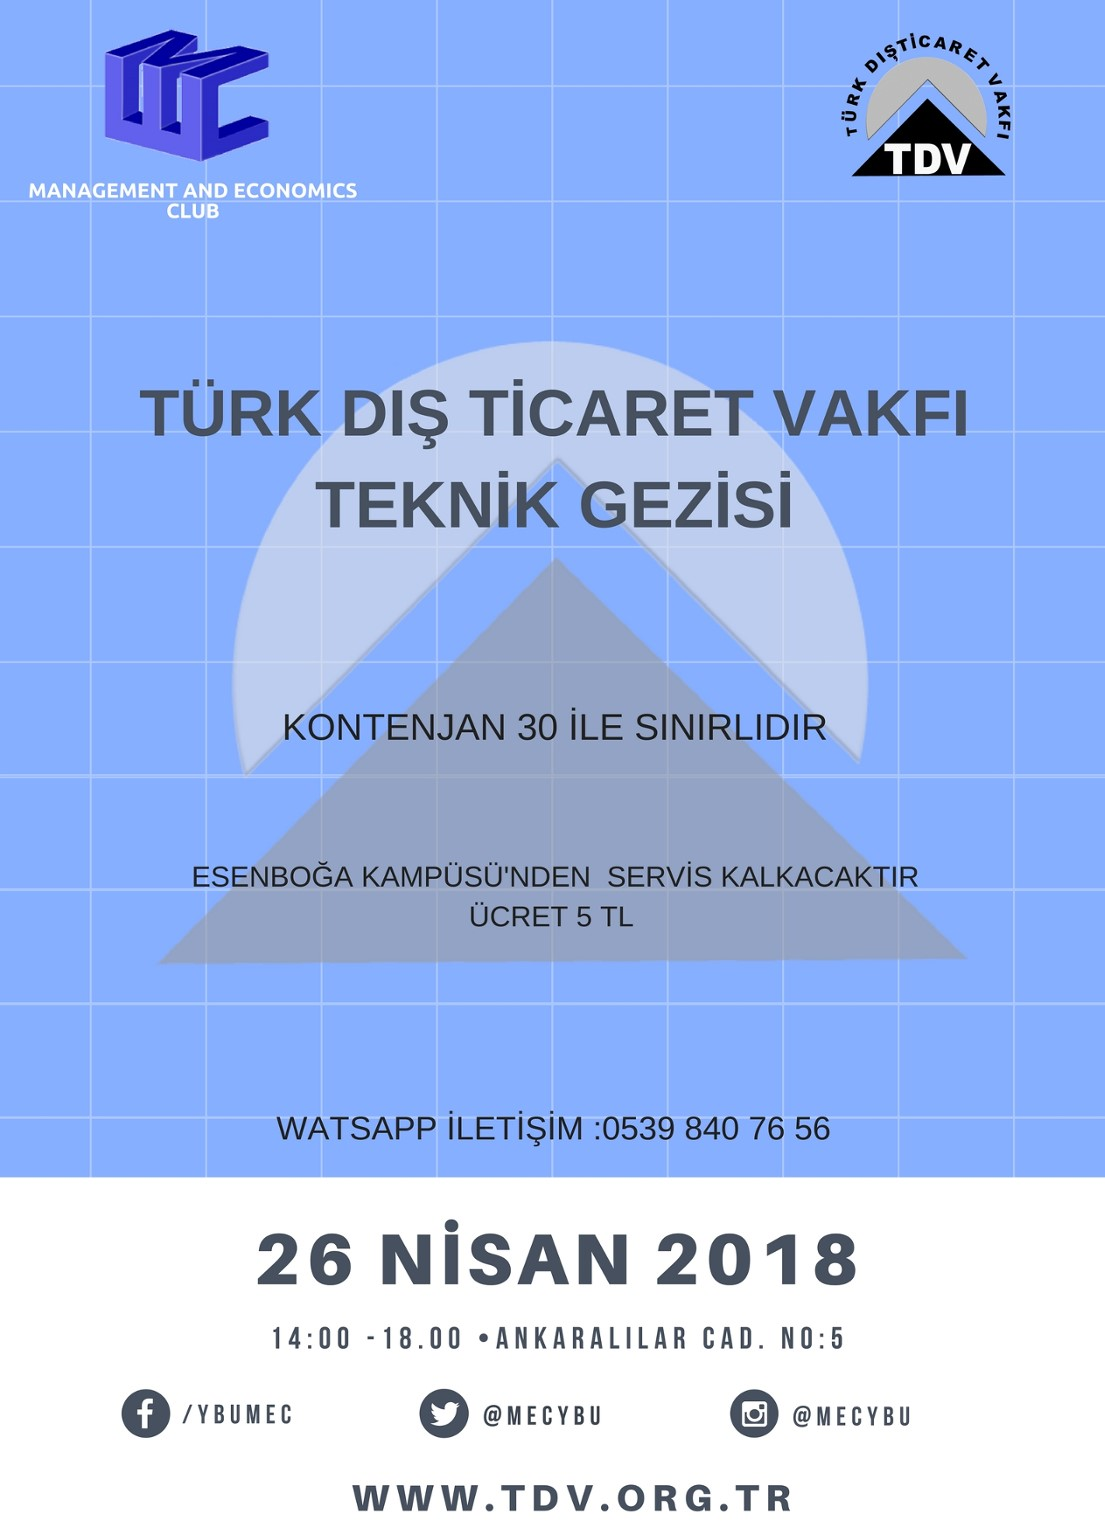 Türk Dış Ticaret Vakfı Teknik Gezisi